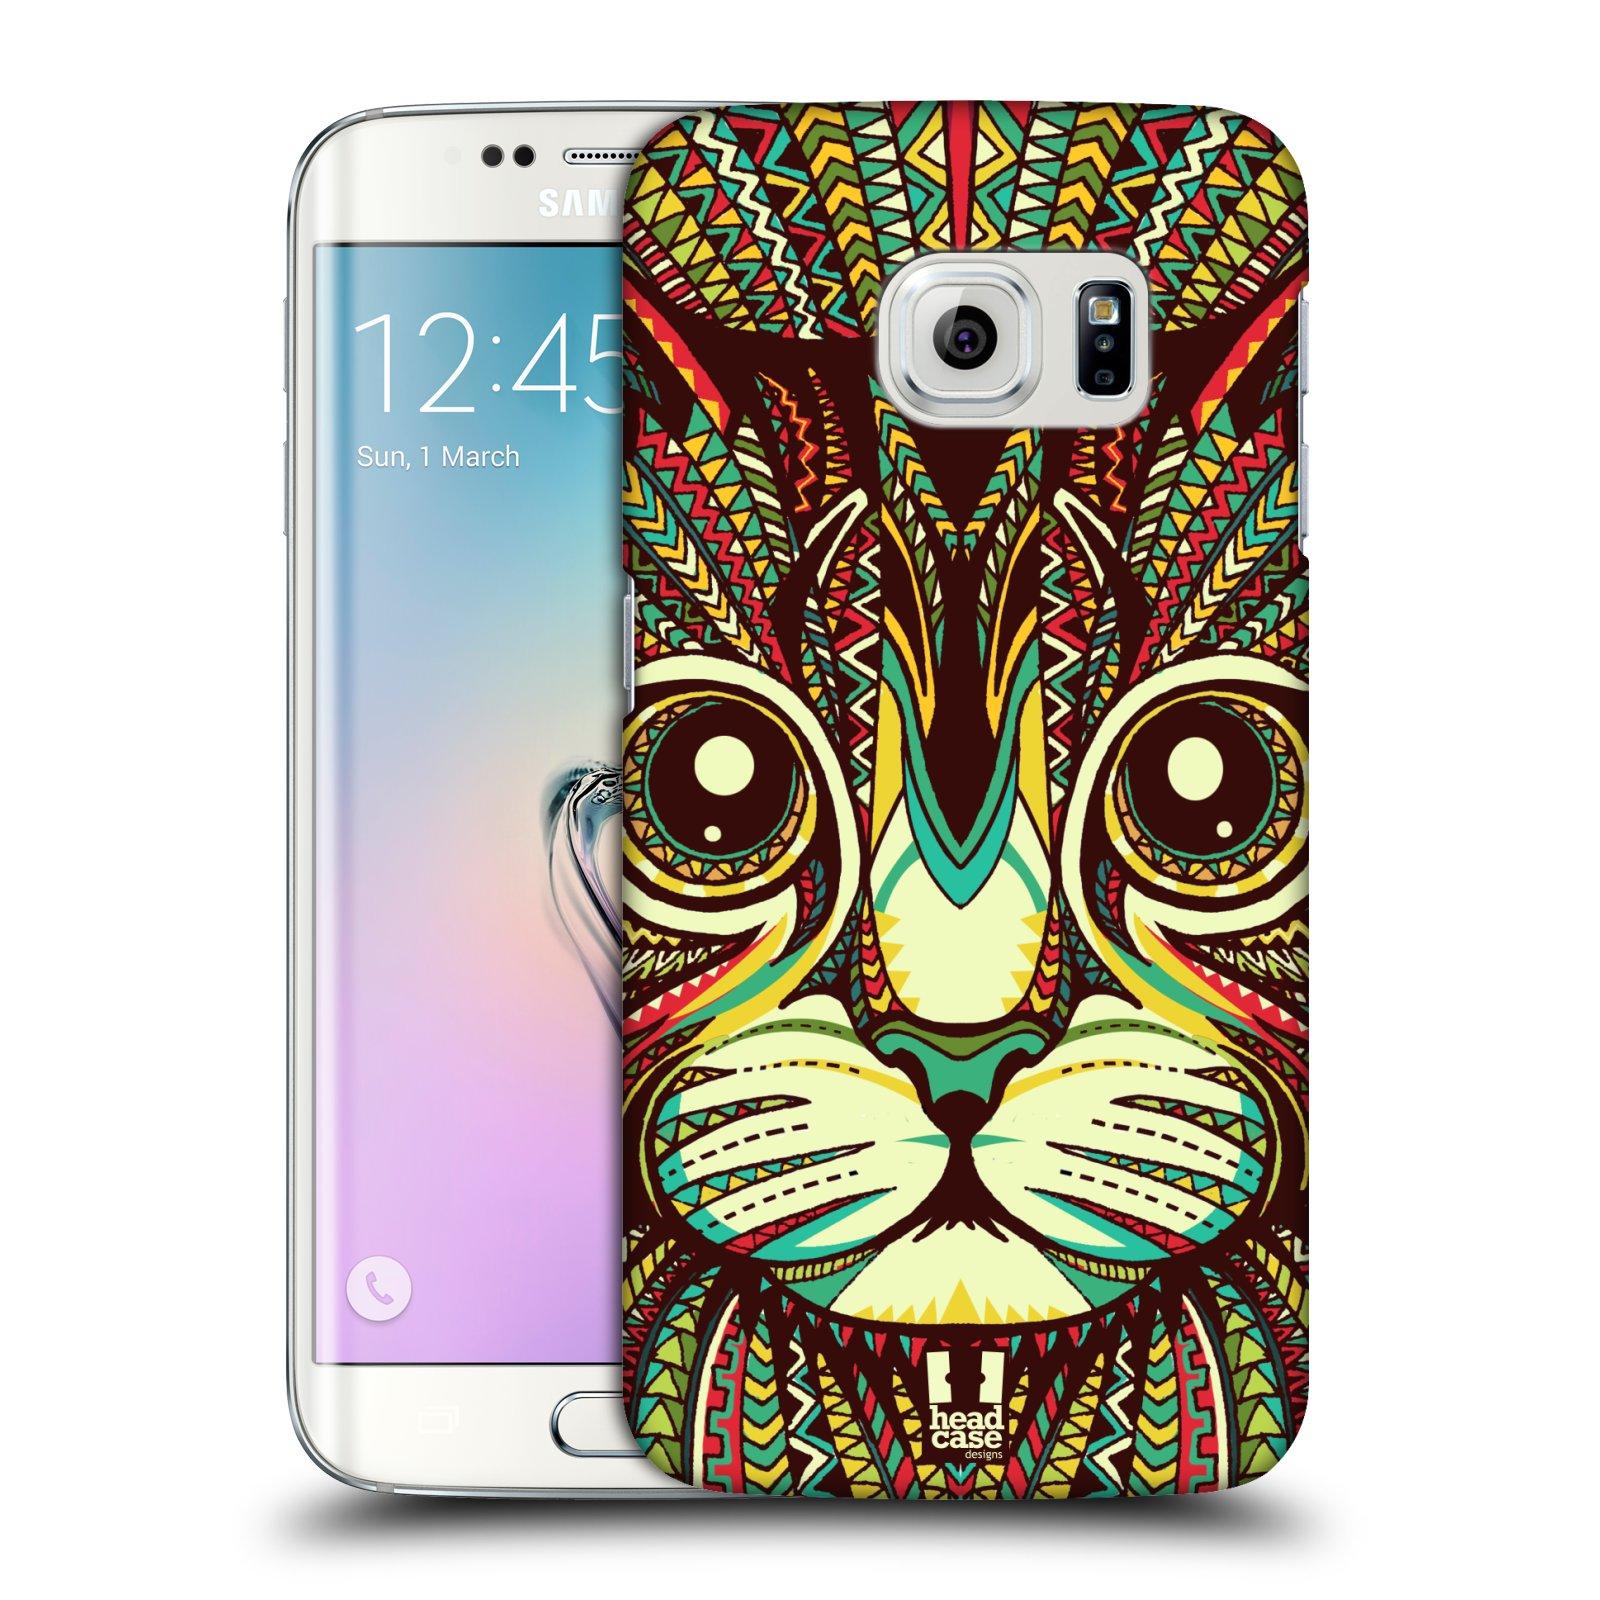 Plastové pouzdro na mobil Samsung Galaxy S6 Edge HEAD CASE AZTEC KOČKA (Kryt či obal na mobilní telefon Samsung Galaxy S6 Edge SM-G925F)